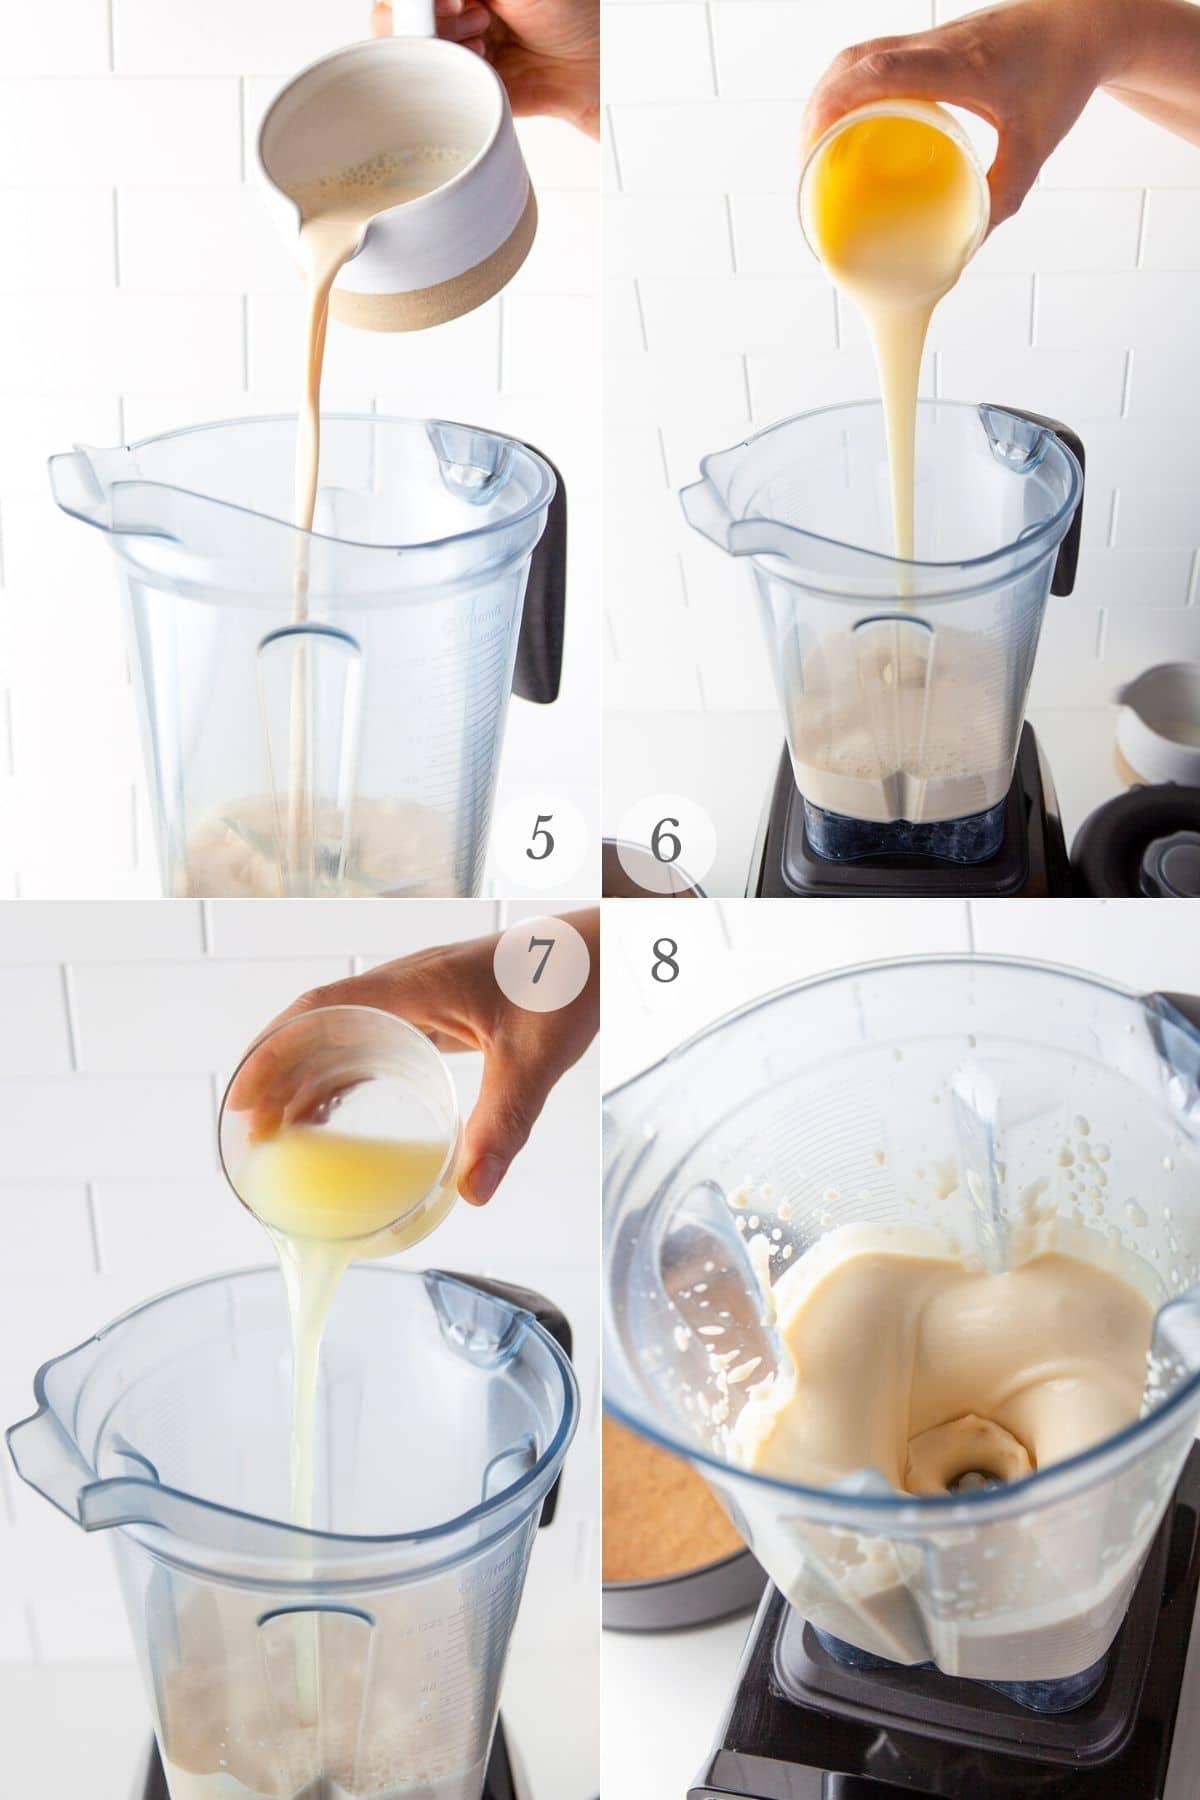 frozen key lime pie recipe steps 5-8